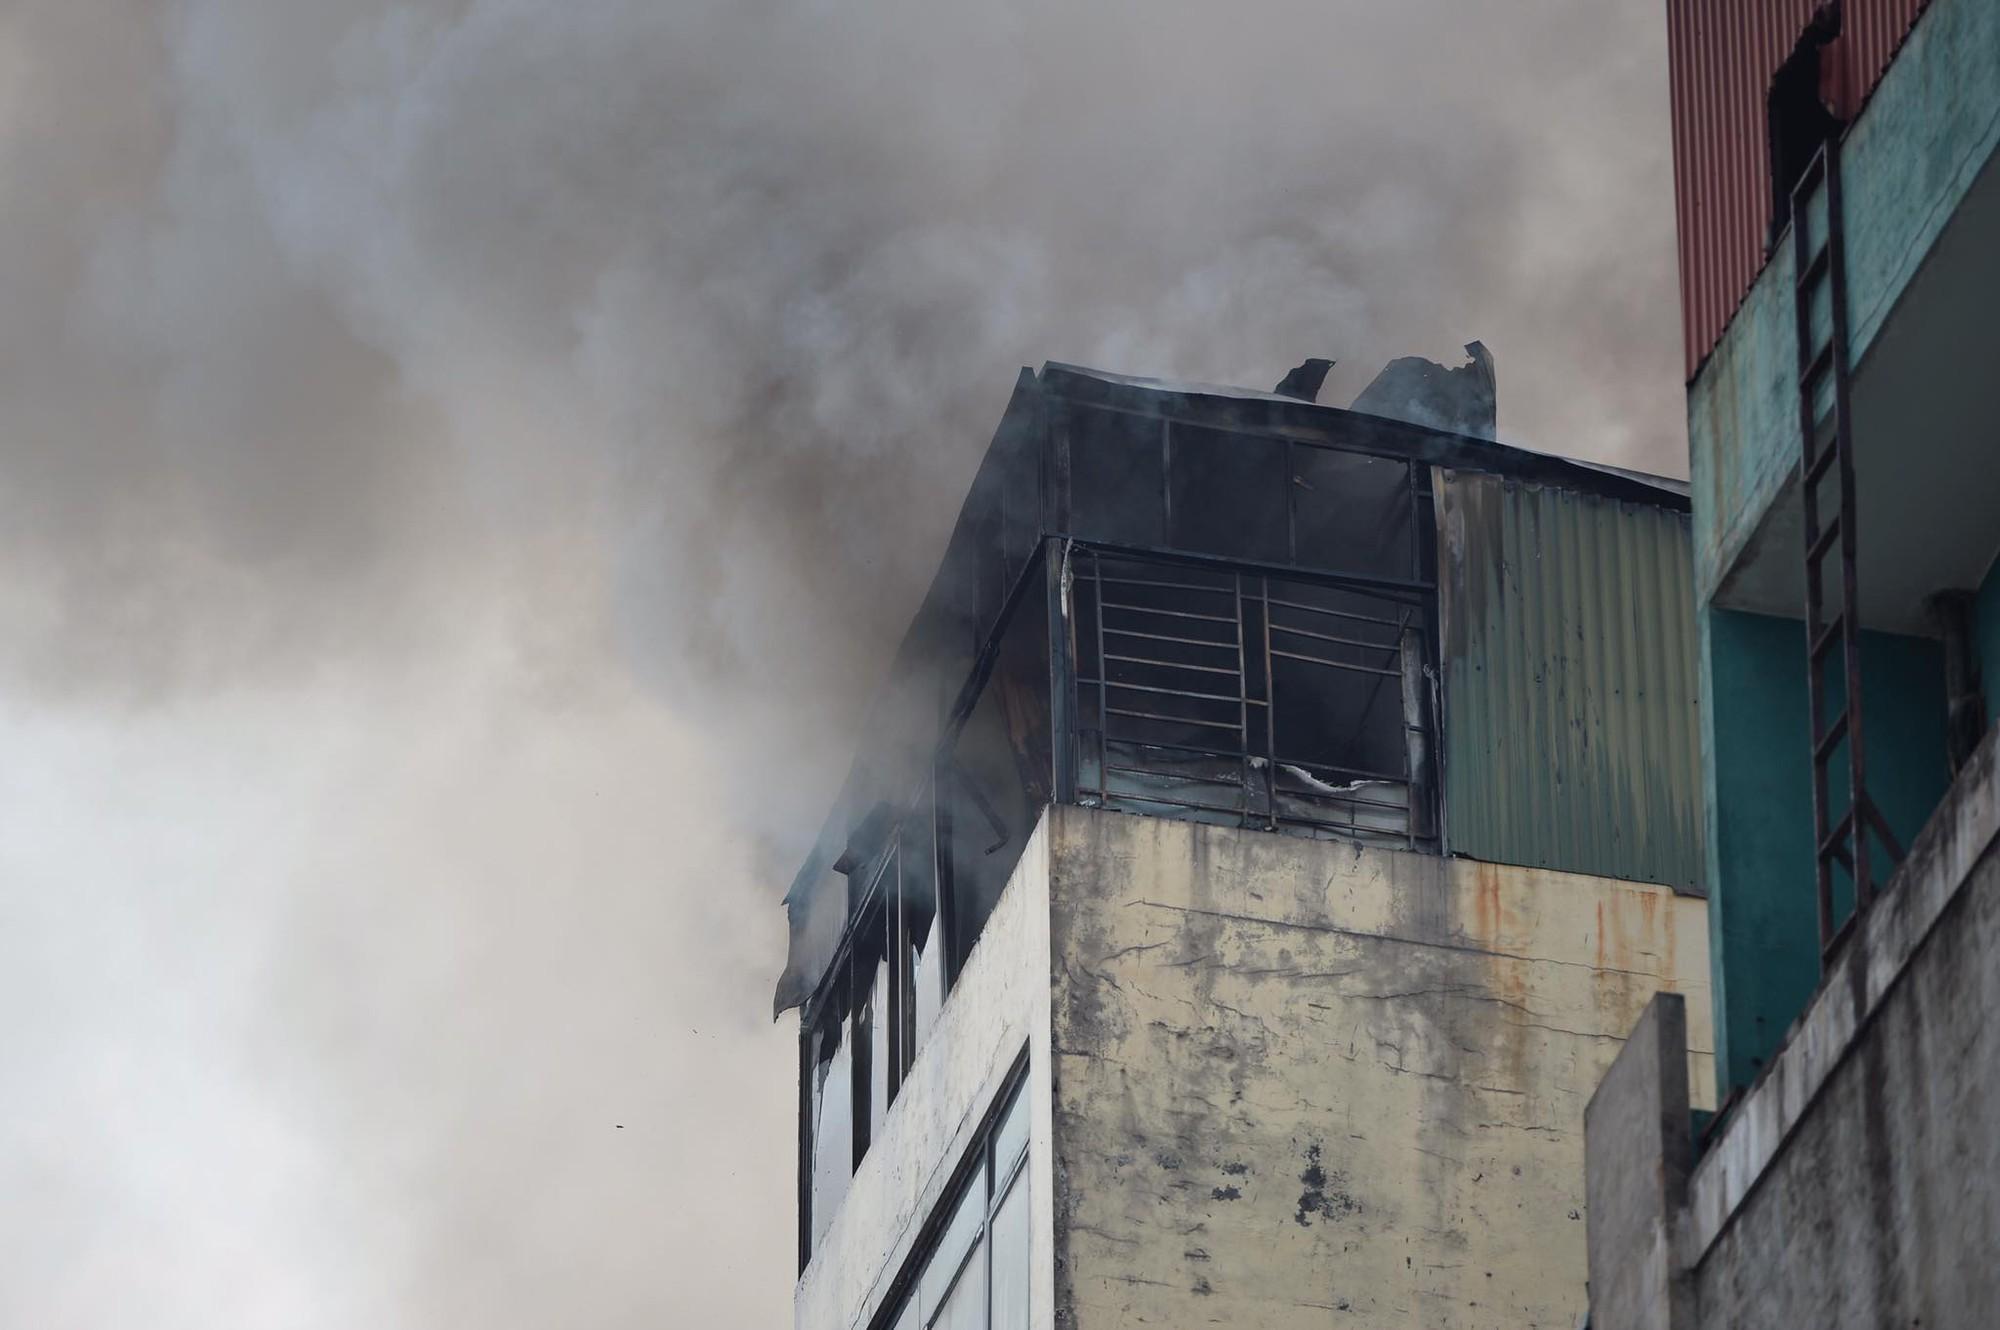 Hà Nội: Chủ đốt vàng mã gây cháy tại quán karaoke 9 tầng, điều động xe thang cùng hàng chục chiến sĩ PCCC dập lửa - Ảnh 4.